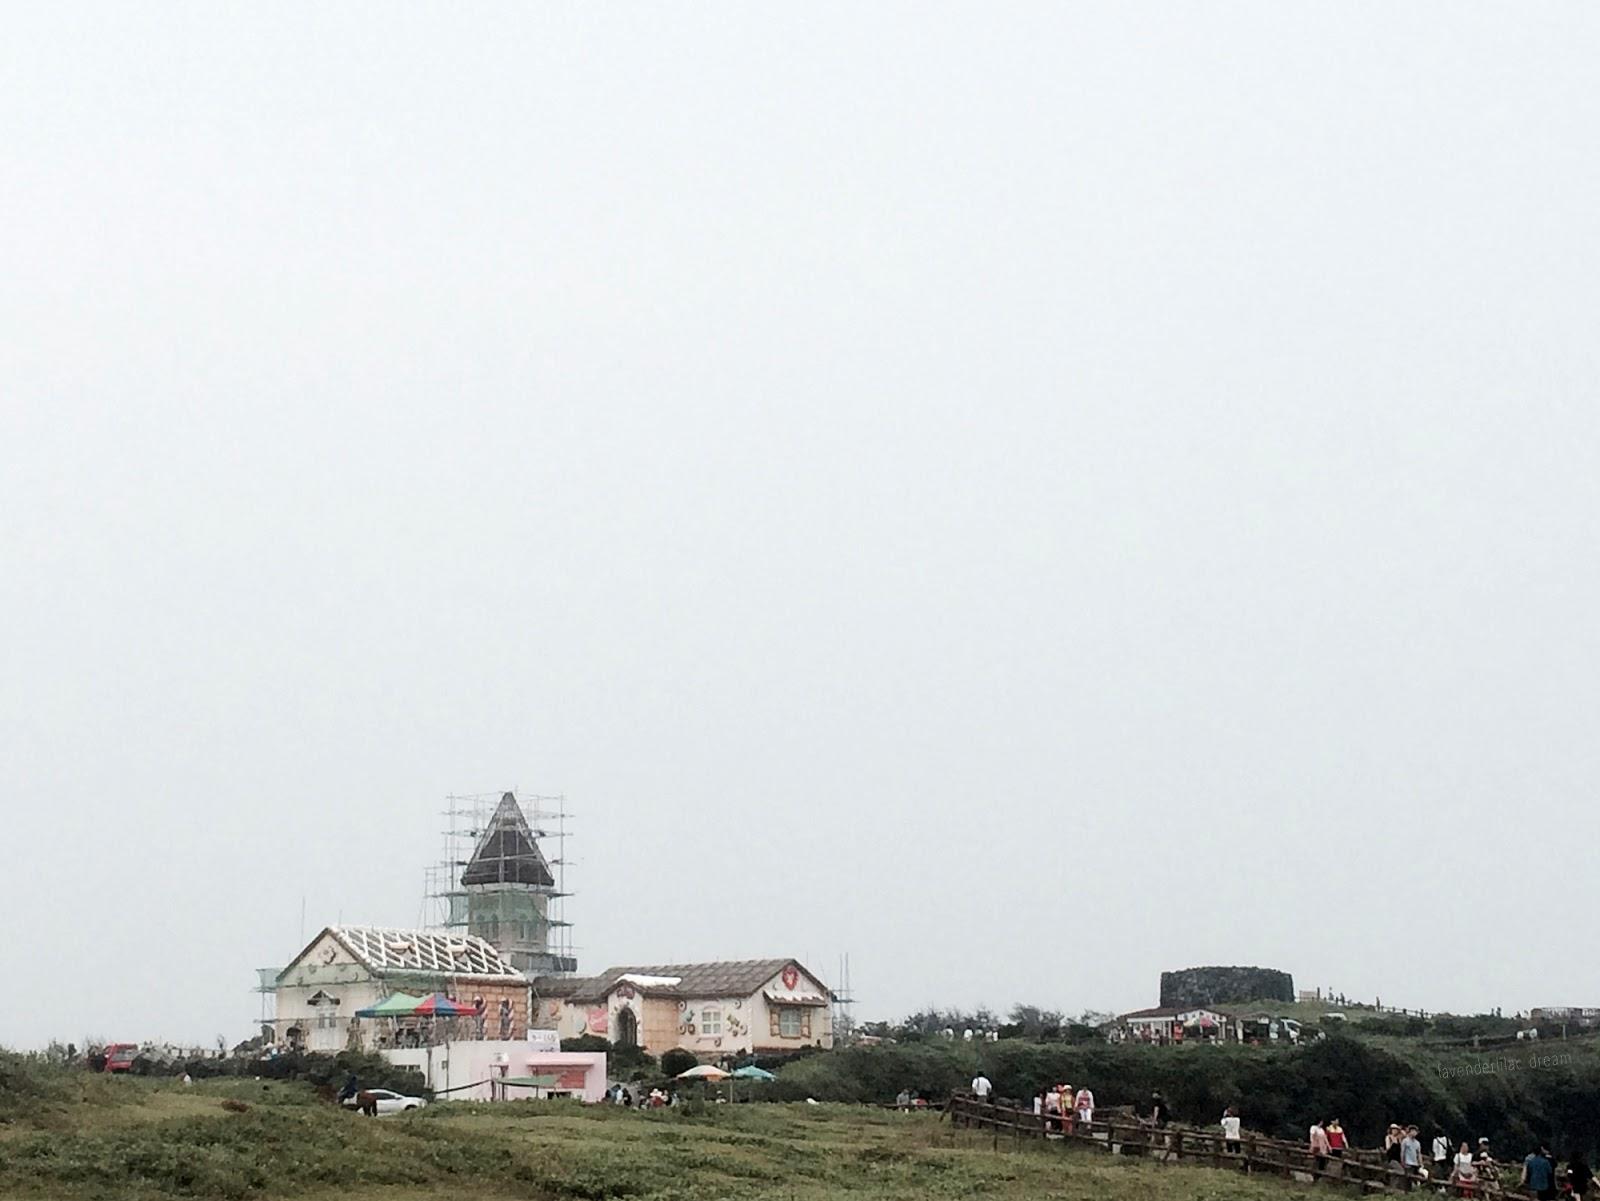 South Korea, Jeju Island, Yonsei University, YISS 2014, Seopji Coast